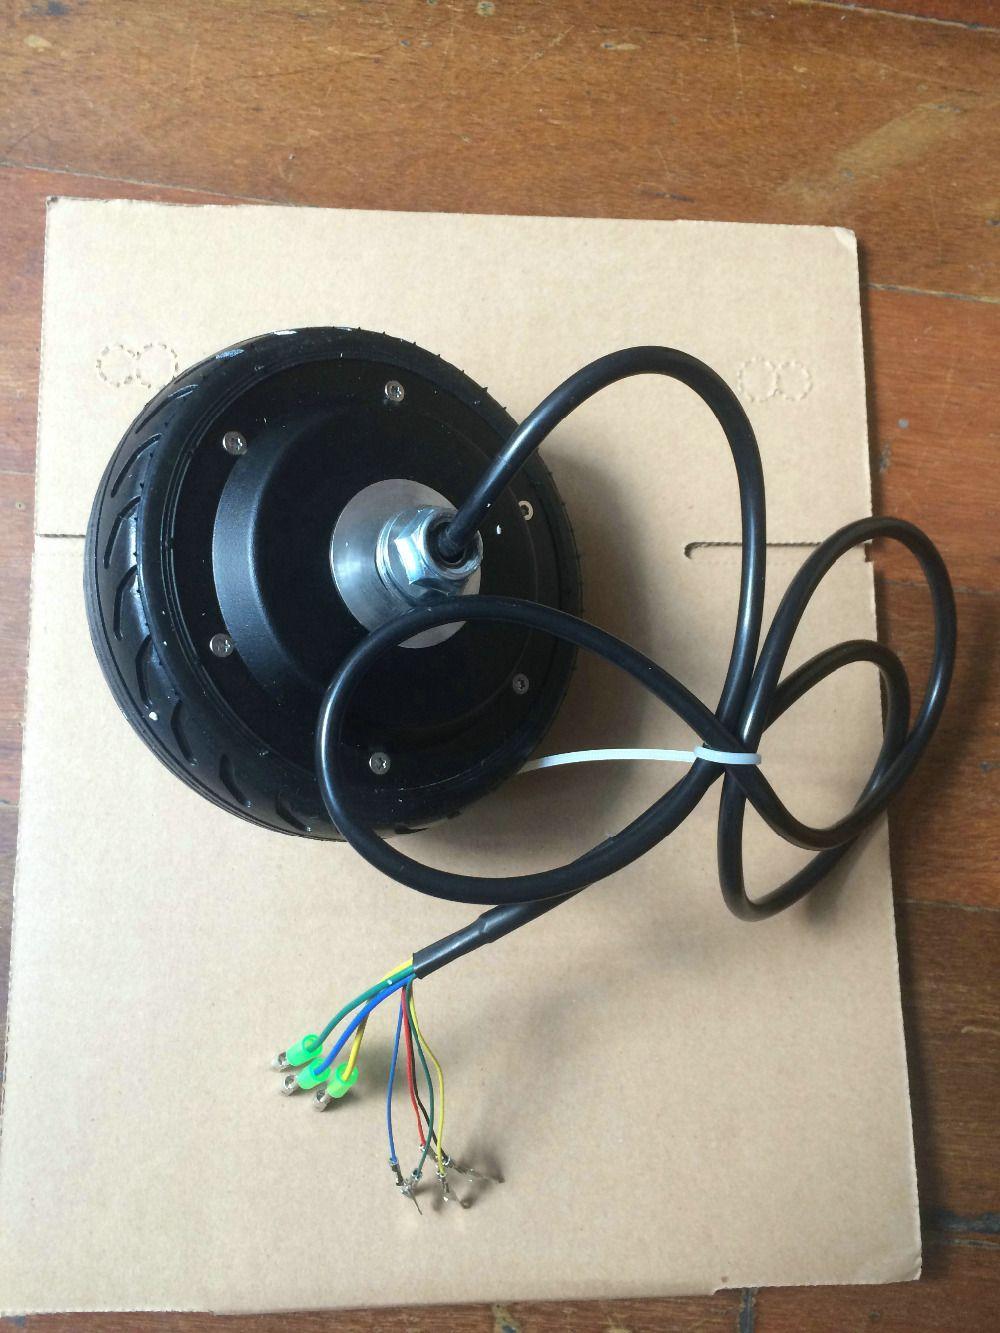 Scooter elétrica ebike wheelsmotors 5 polegadas motor do cubo BLDC 24v36v 50-250 w com sensor de salão e função EBS frente / reversa